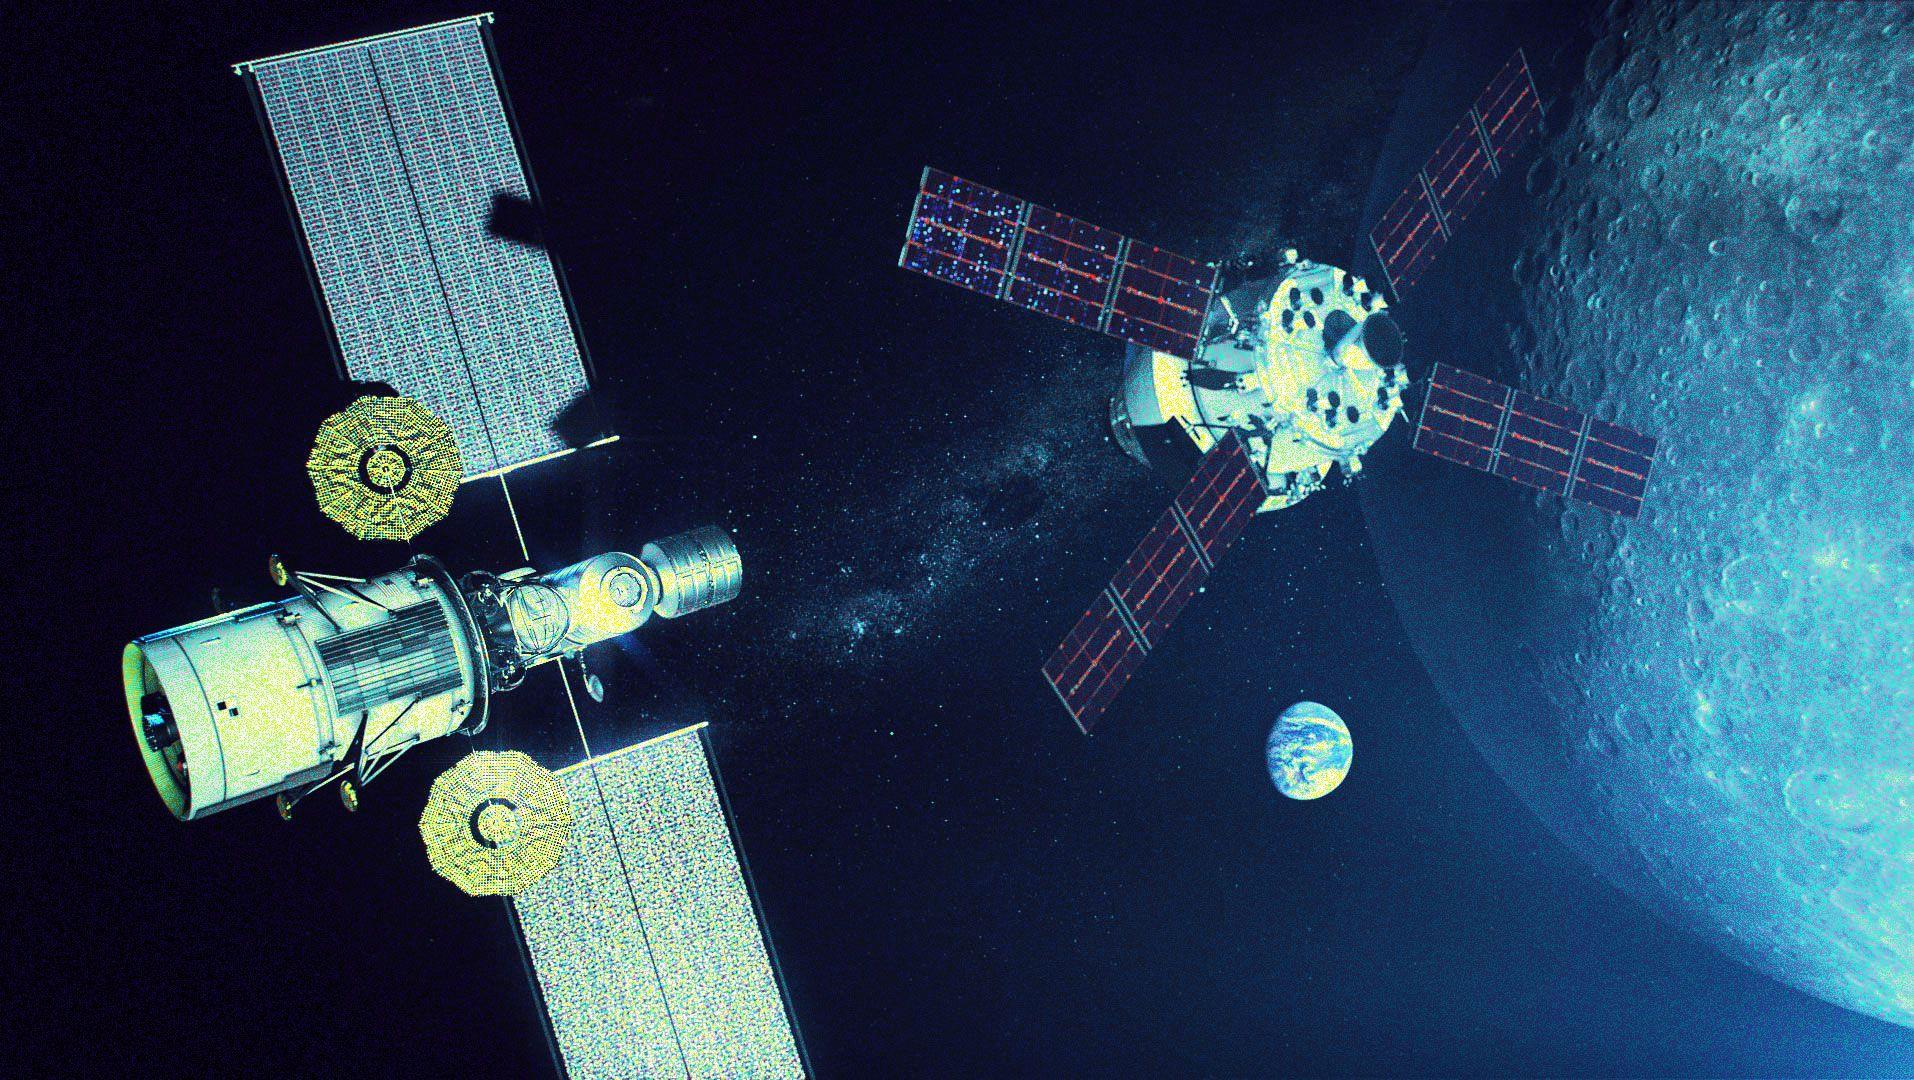 5年以内の有人月着陸目指す 「アルテミス計画」が 現実的ではない5つの理由